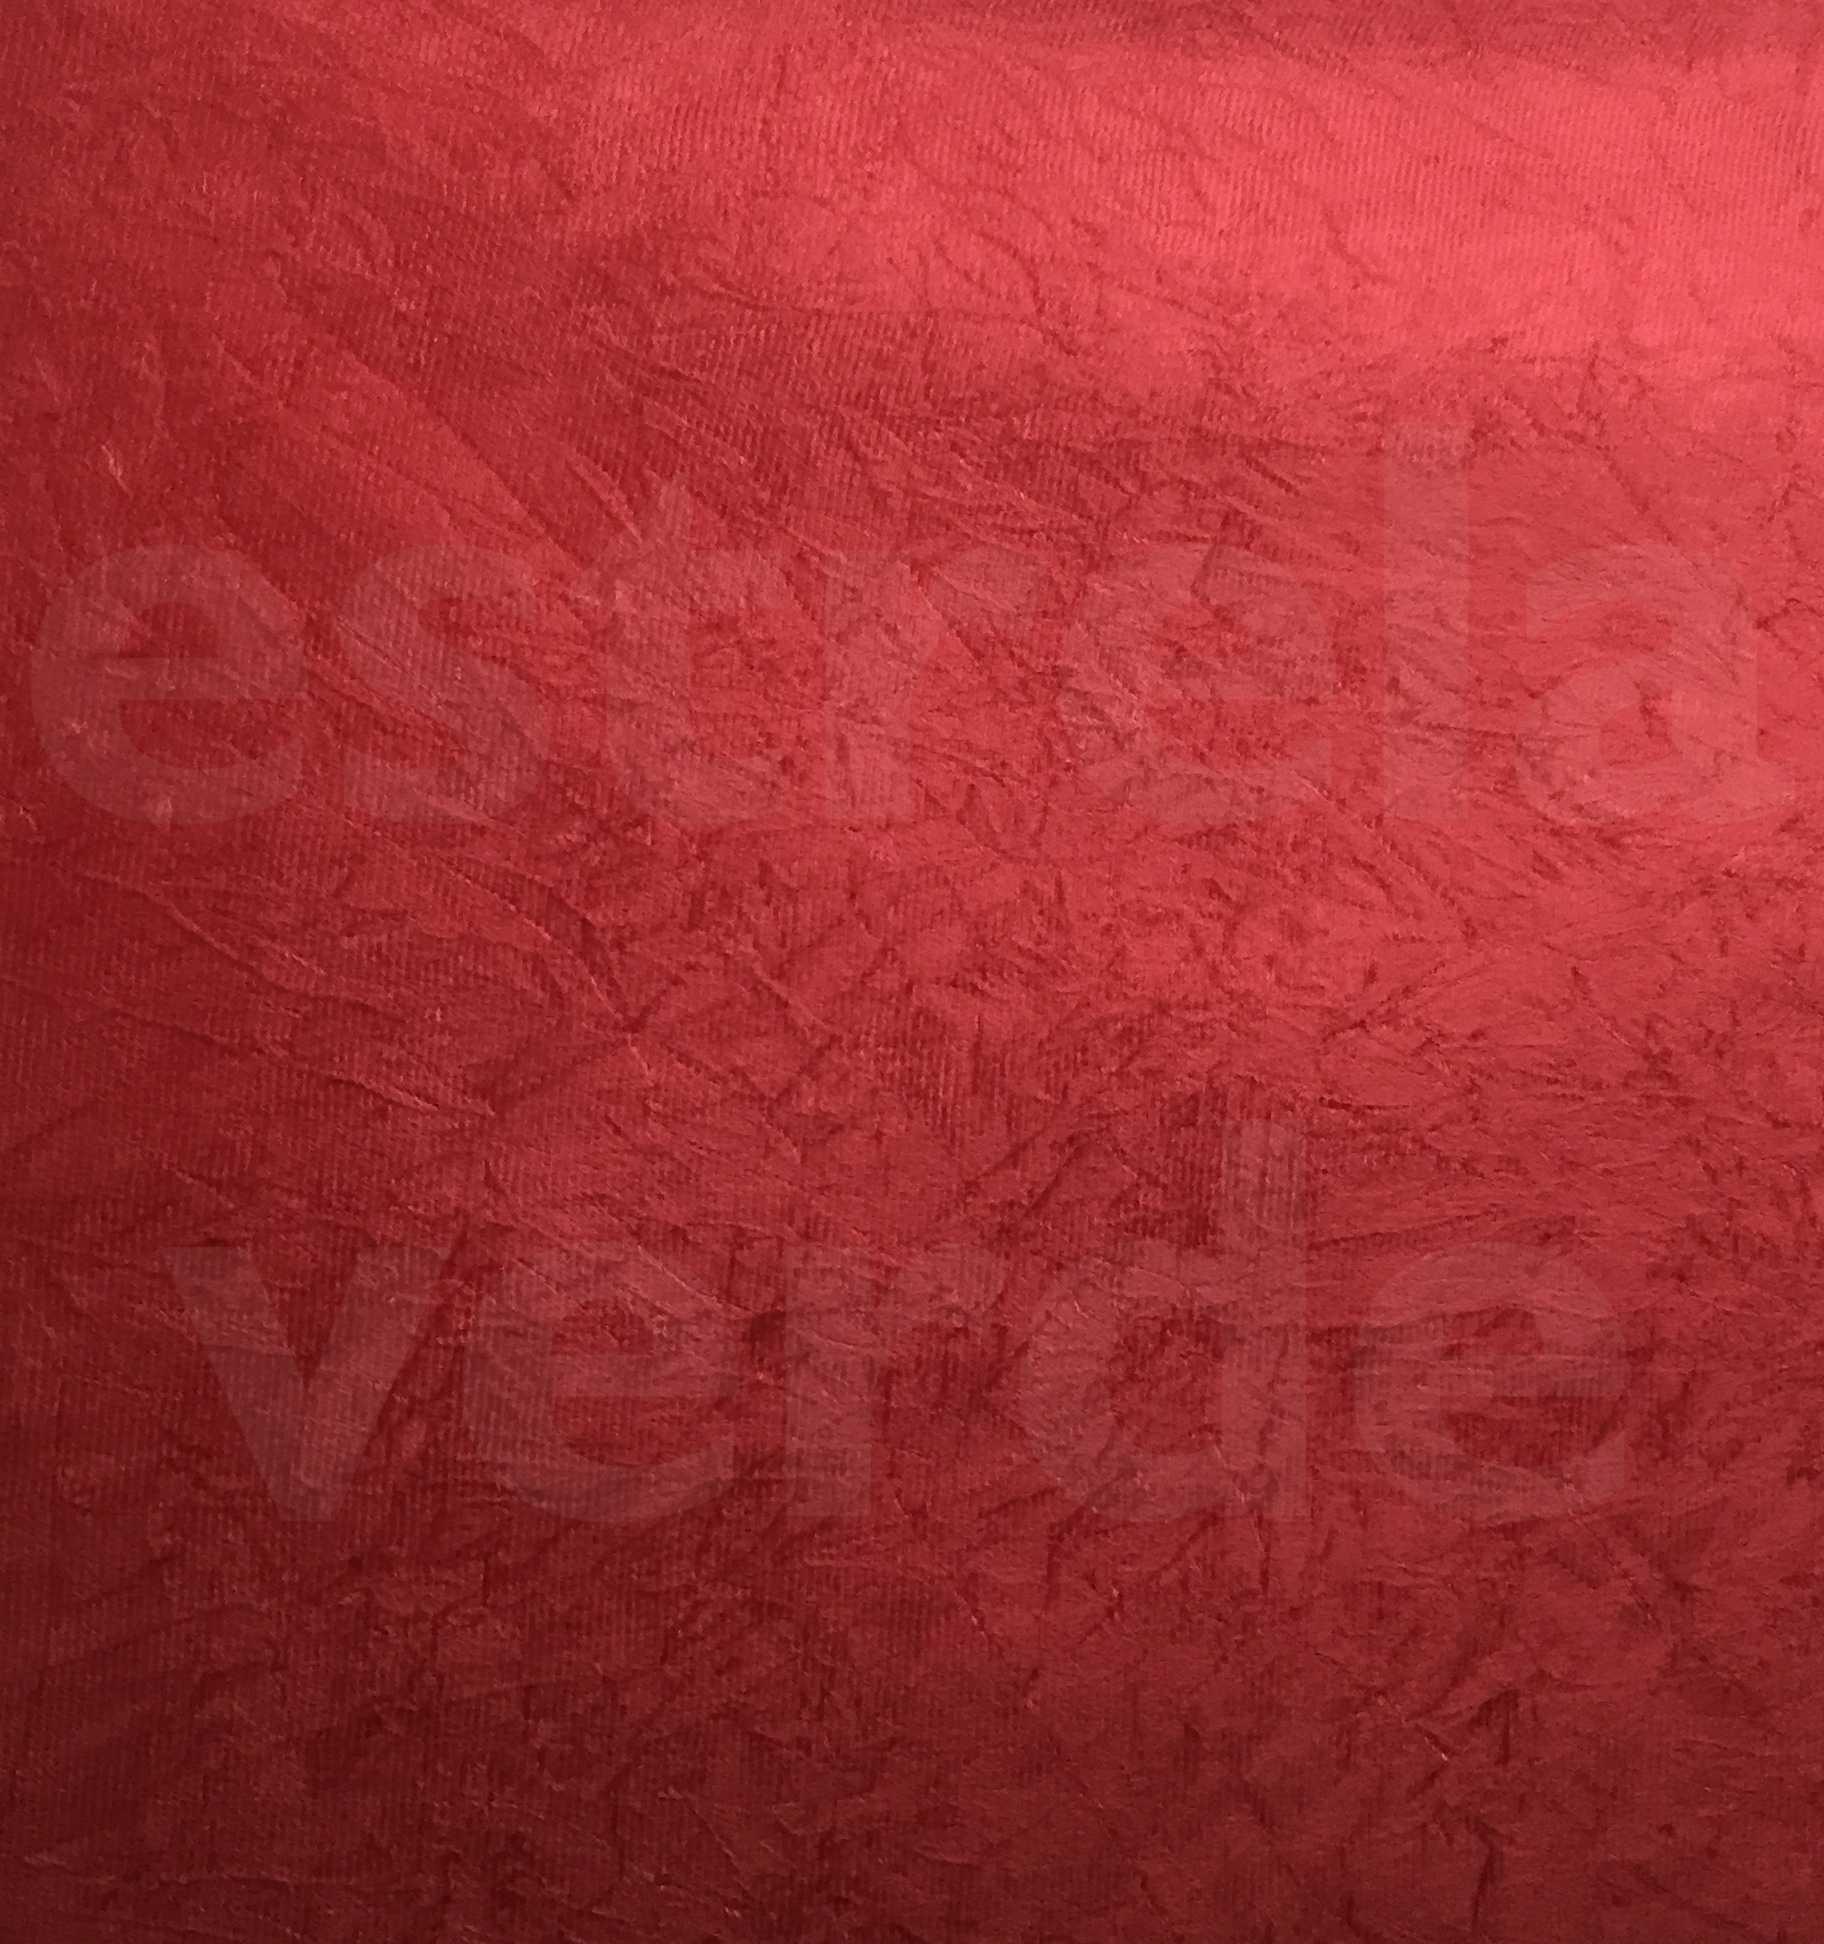 AMASSADO VERMELHO 08  - Estrela Verde